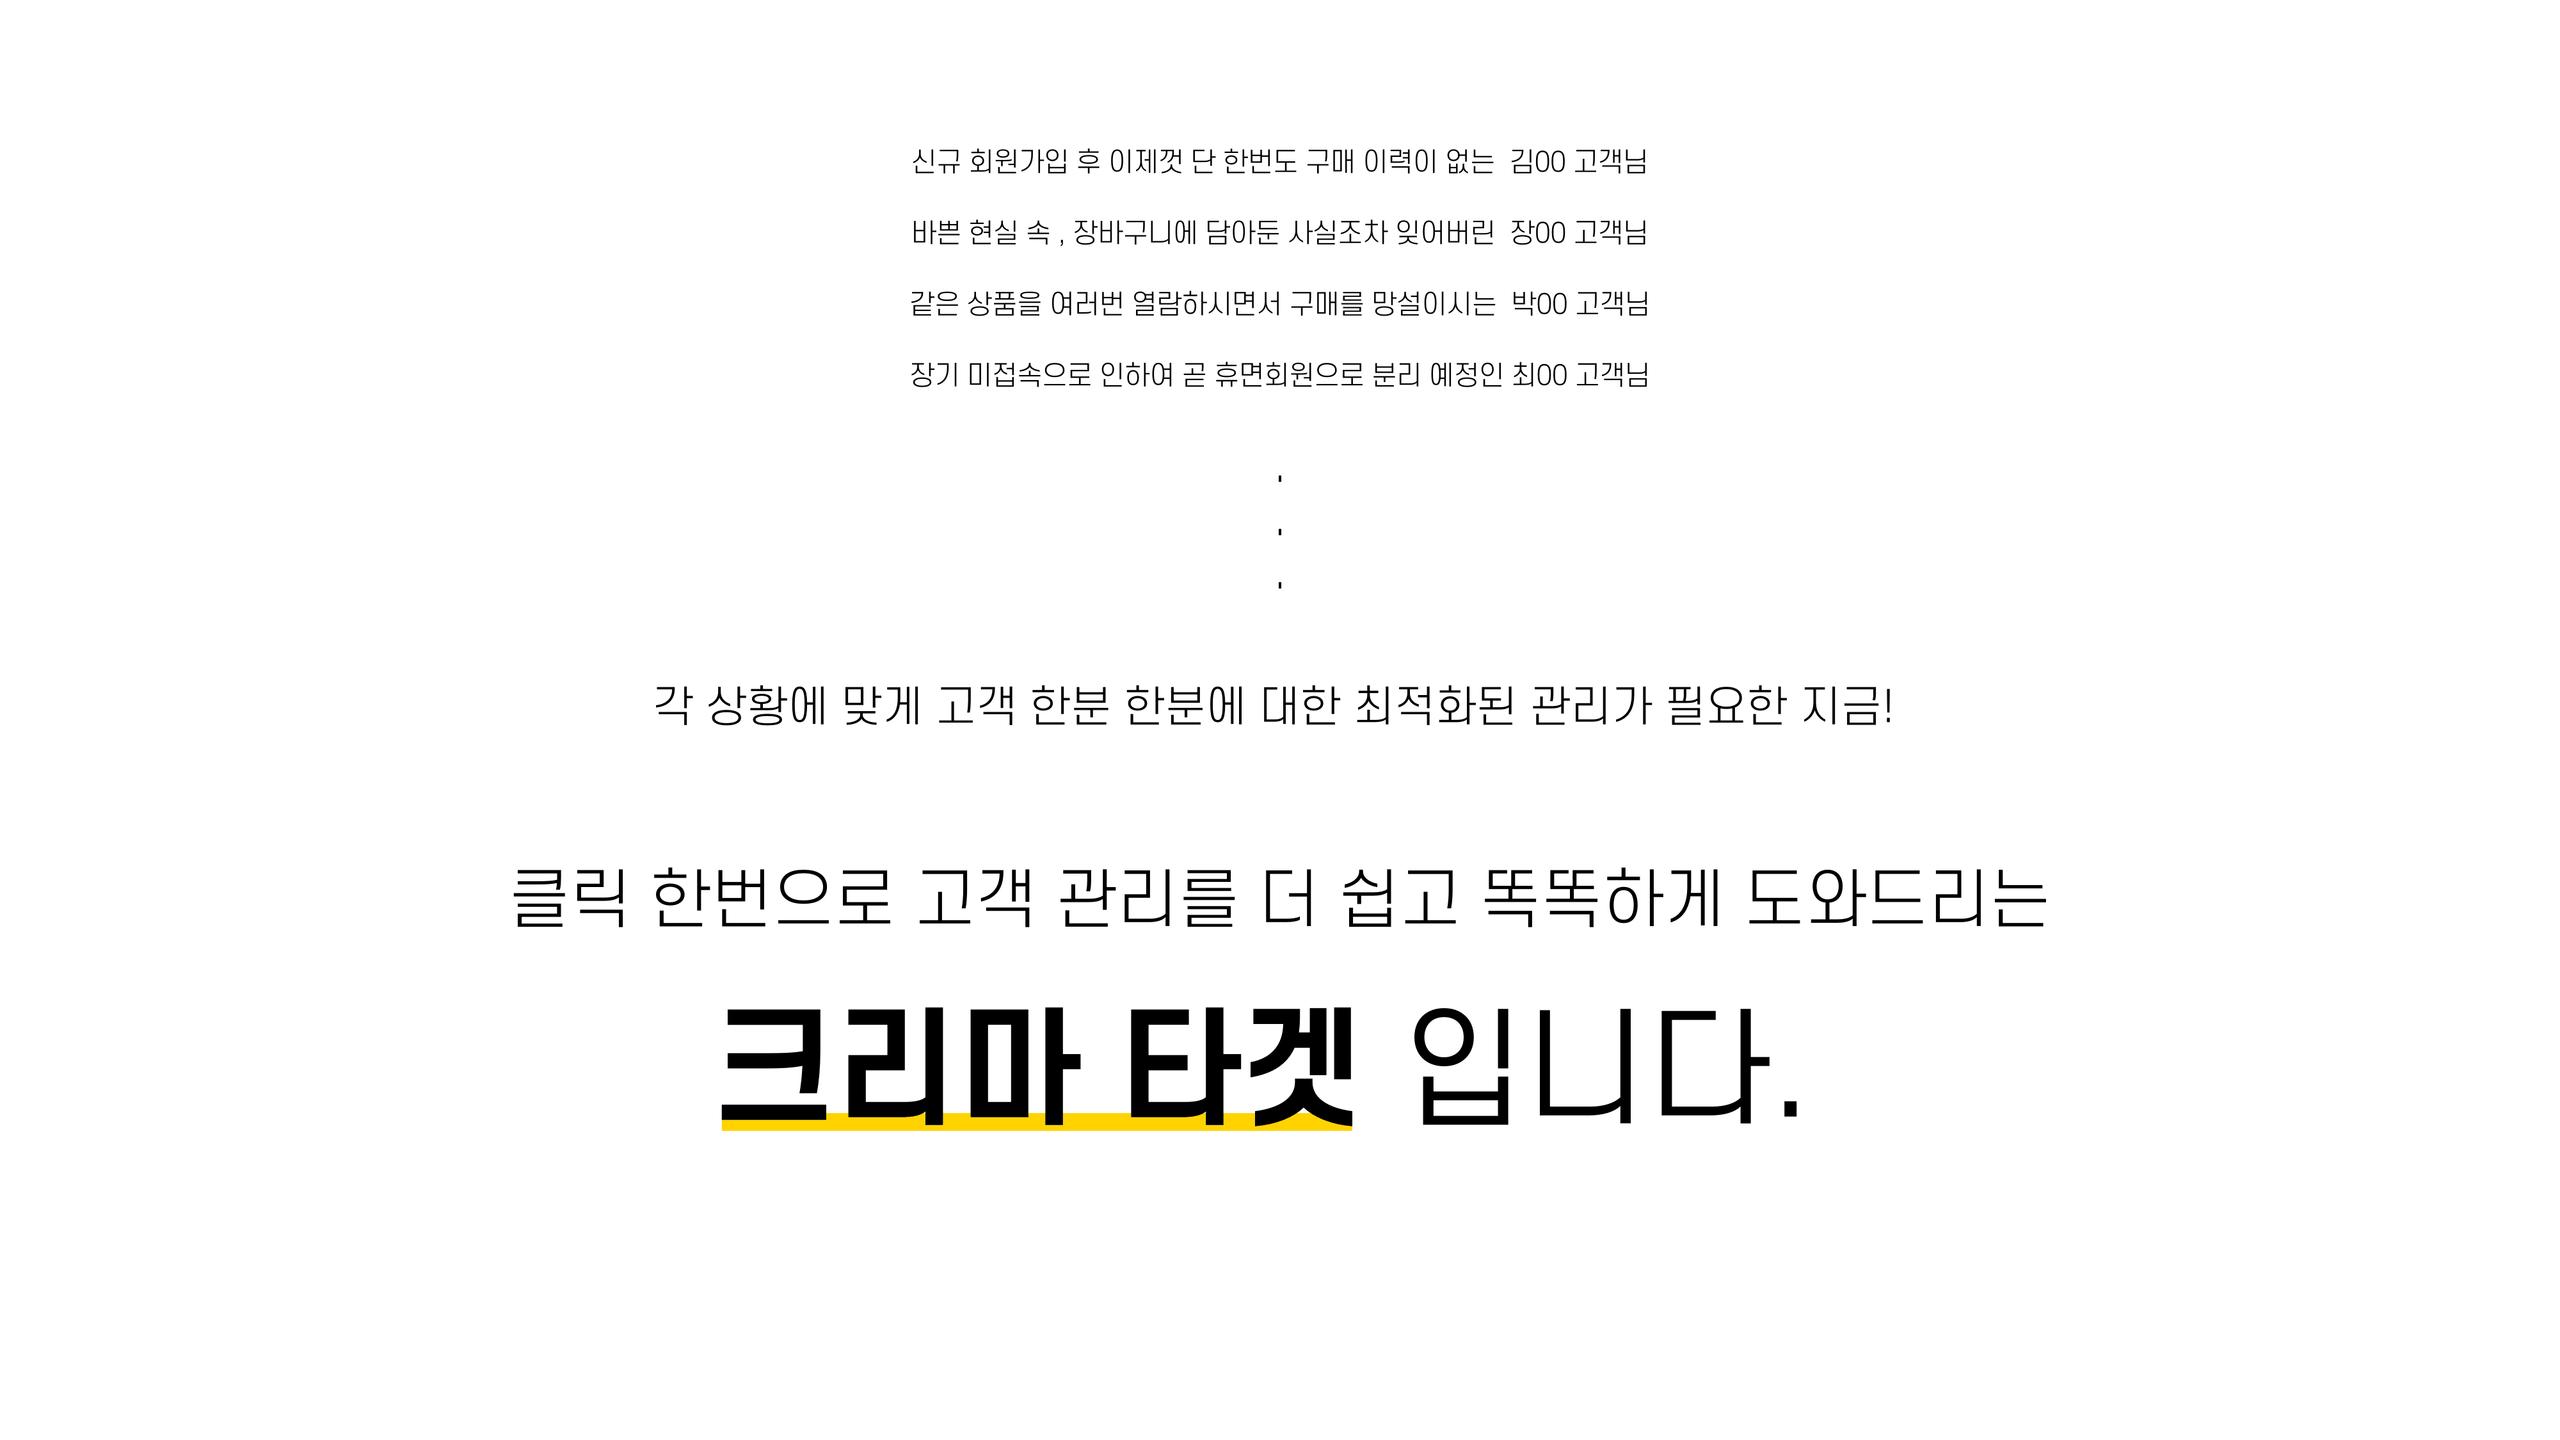 [CREMA] 크리마 타겟 서비스 소개서-03